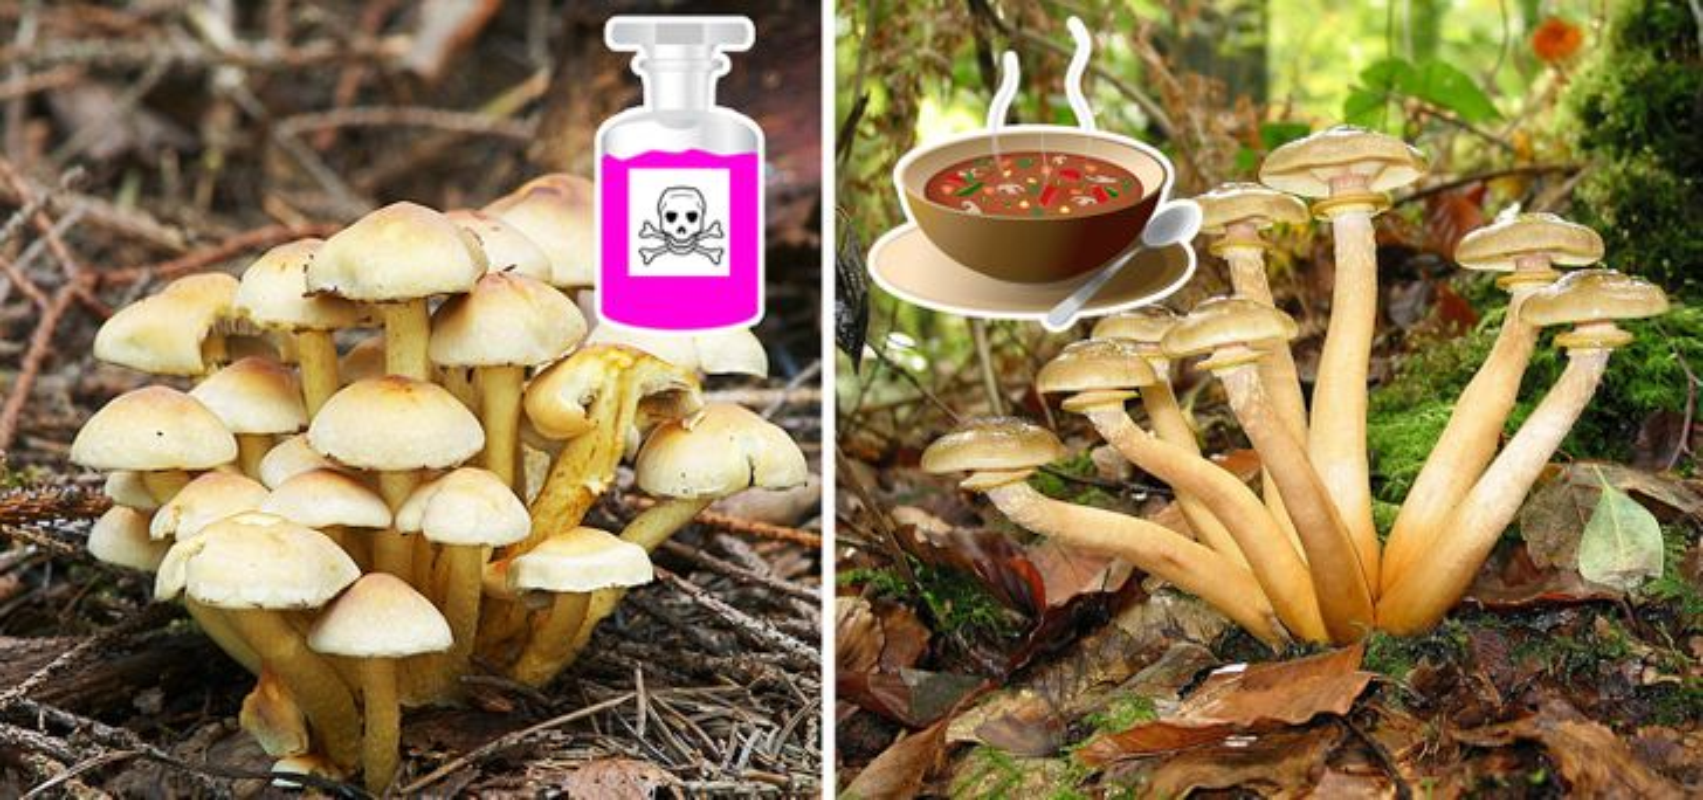 Diem danh 10 loai thuc pham chua doc to co the lam hai ban-Hinh-6